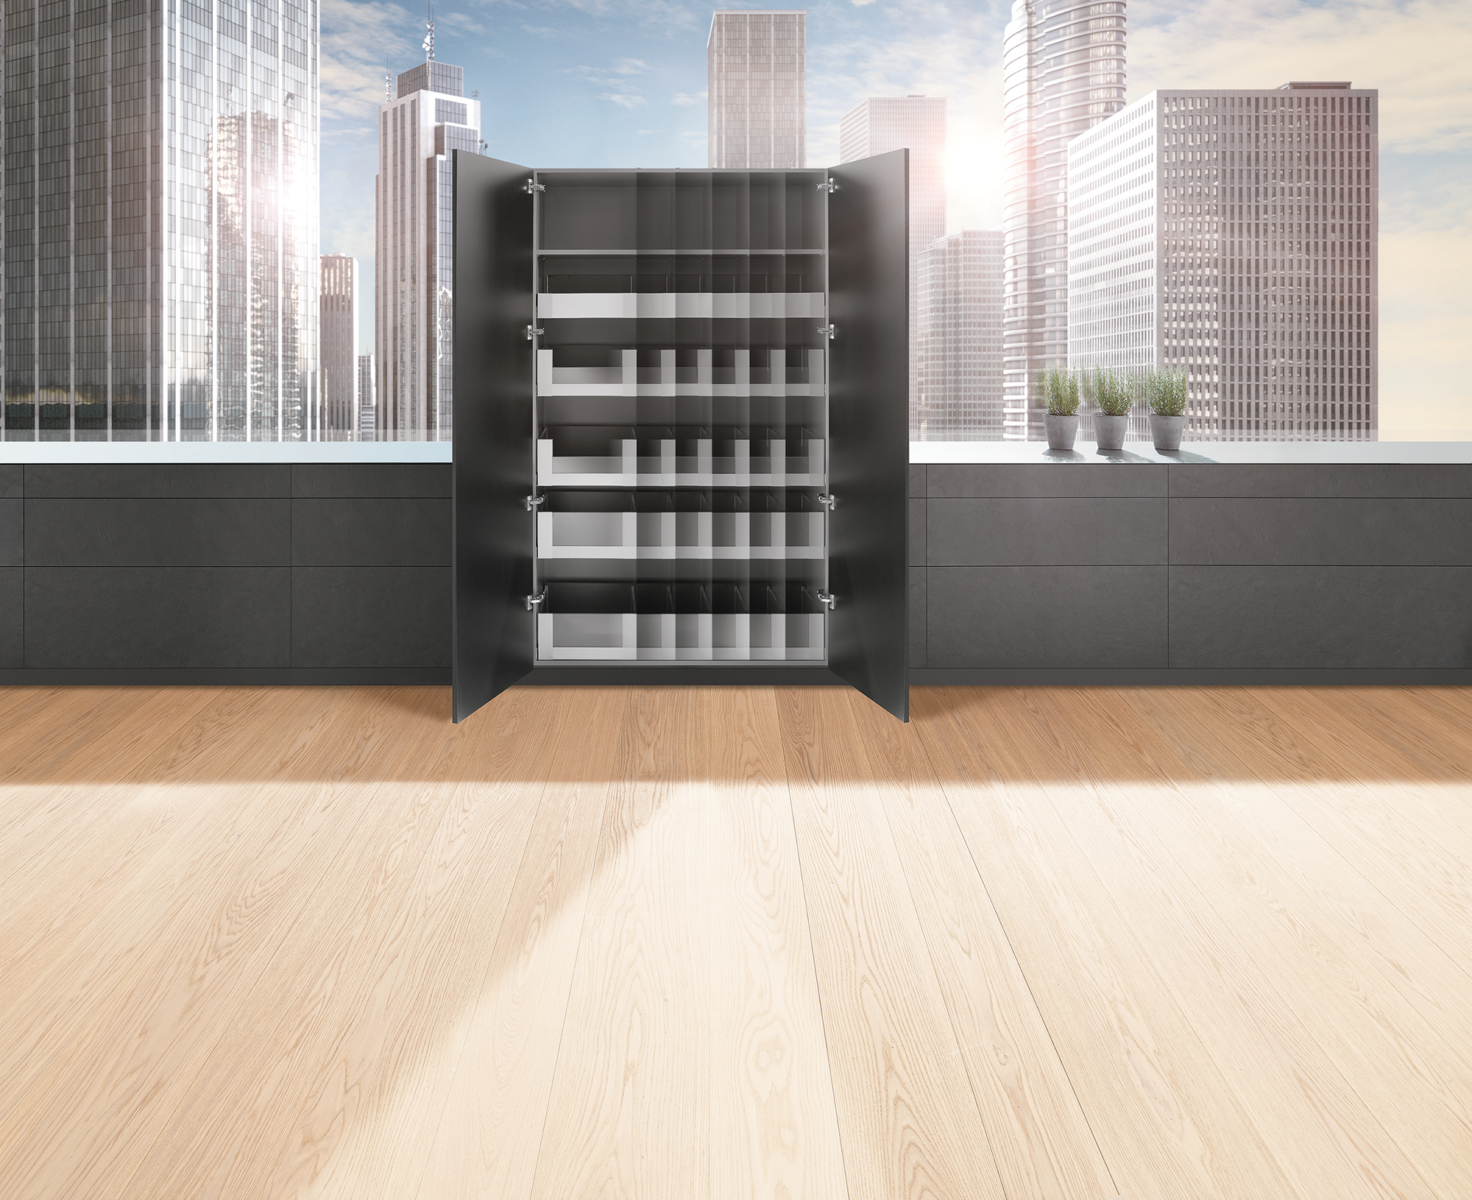 Функціональні шафки дають змогу правильно використати корисний простір